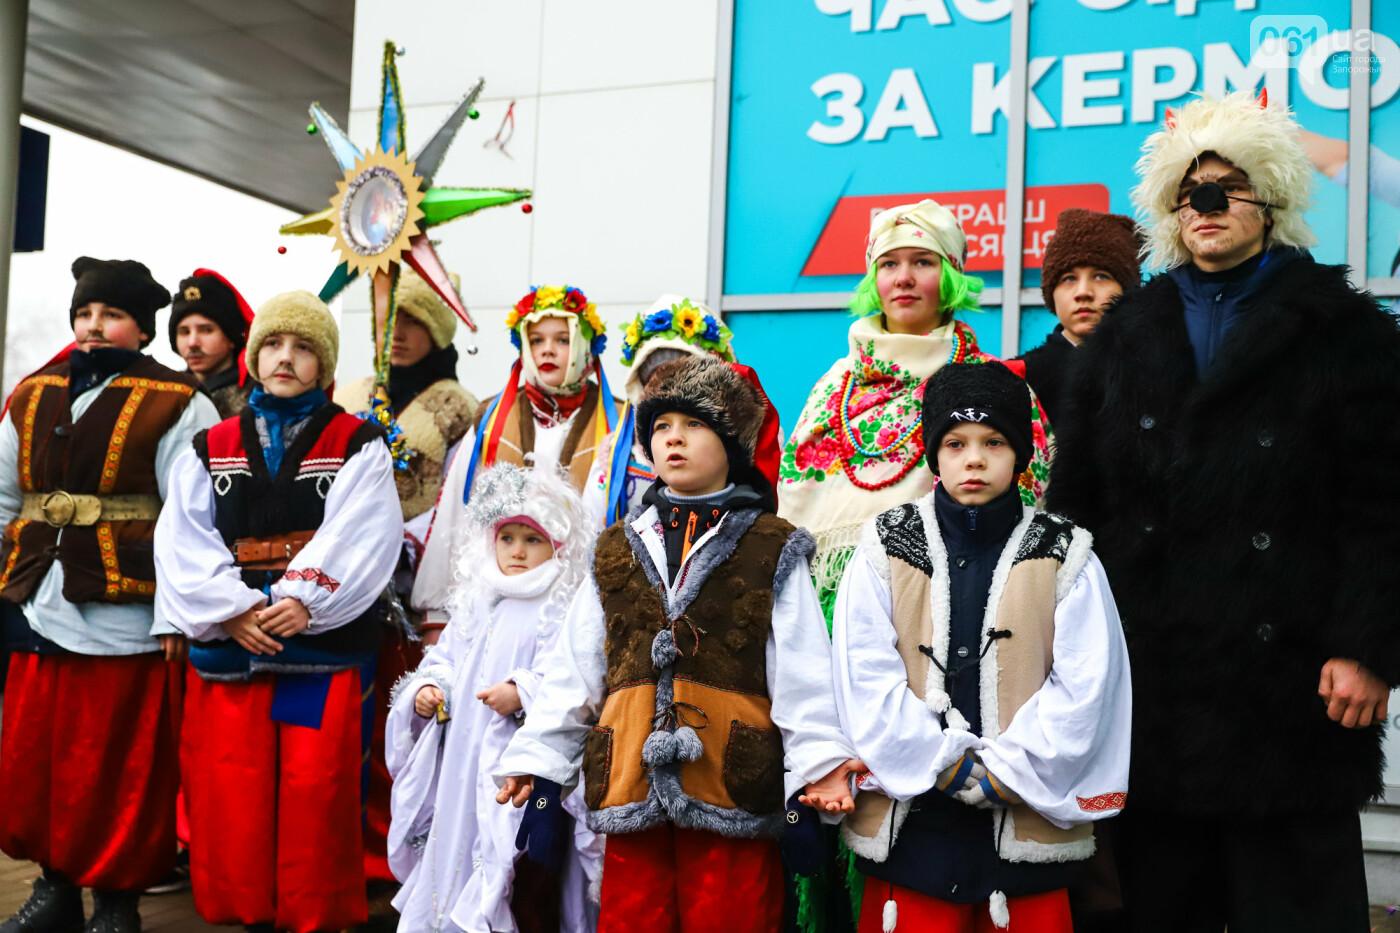 Нечистая сила против казаков: на улицах Запорожья показывали Рождественский вертеп, - ФОТО, ВИДЕО  , фото-26